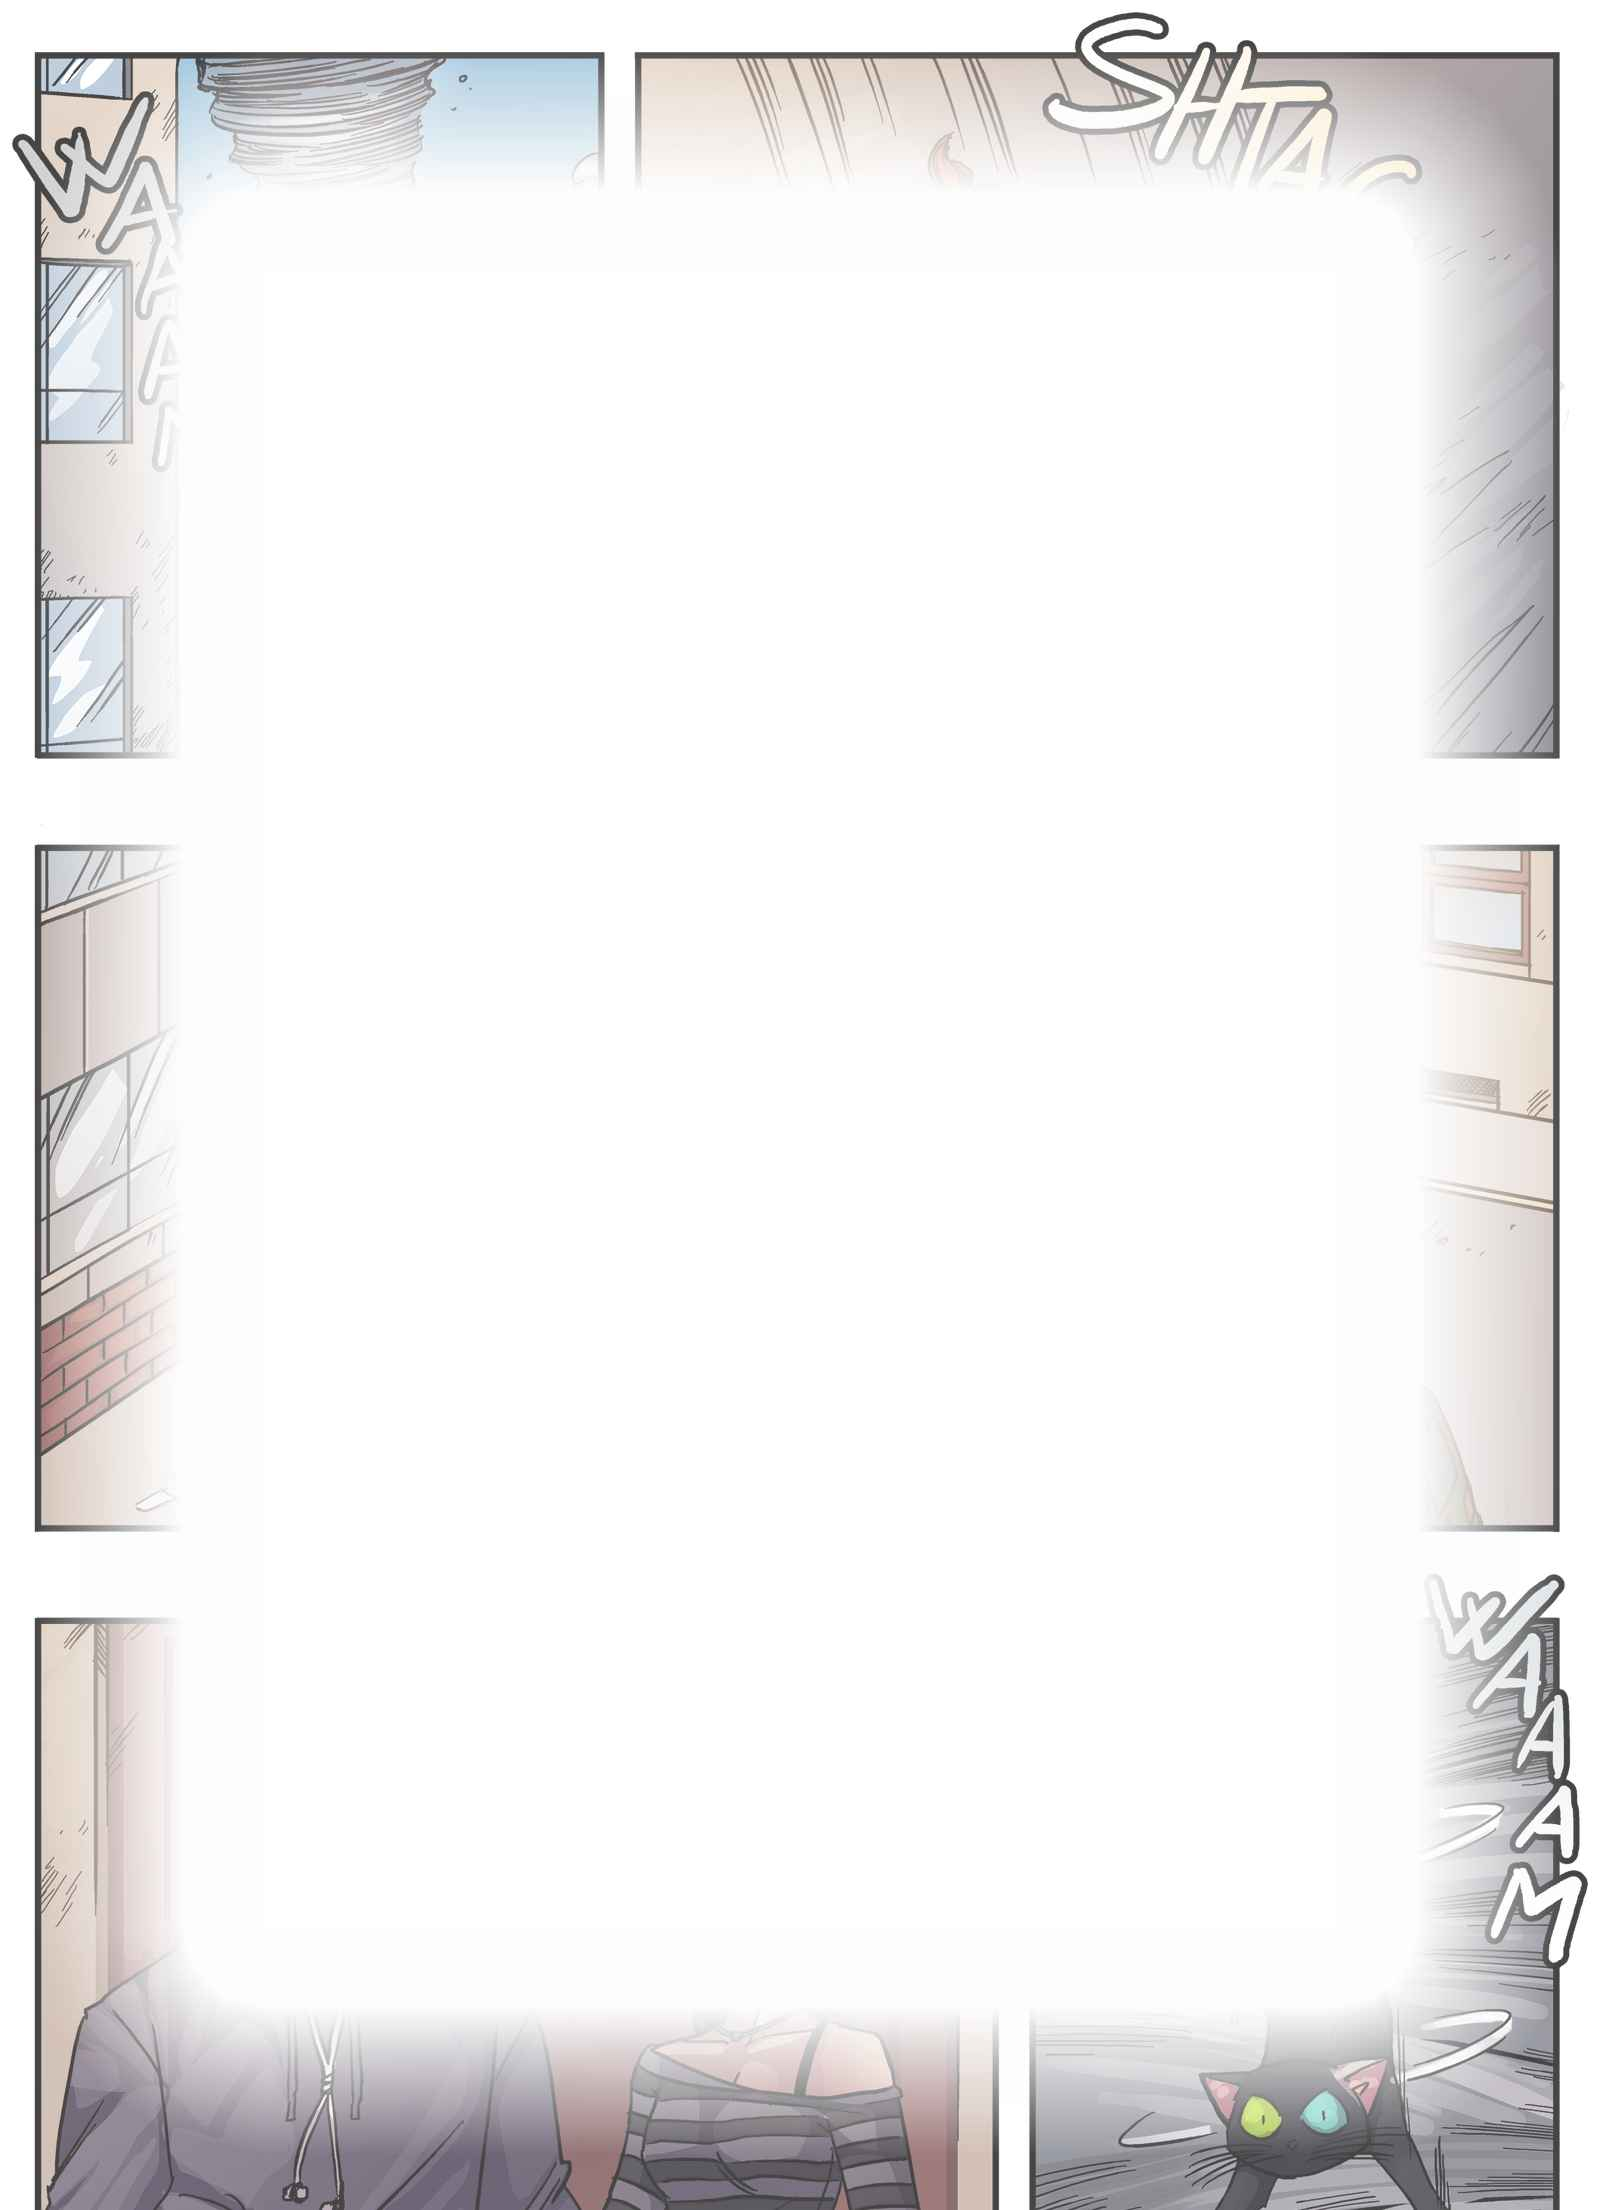 Hémisphères : Chapitre 6 page 11